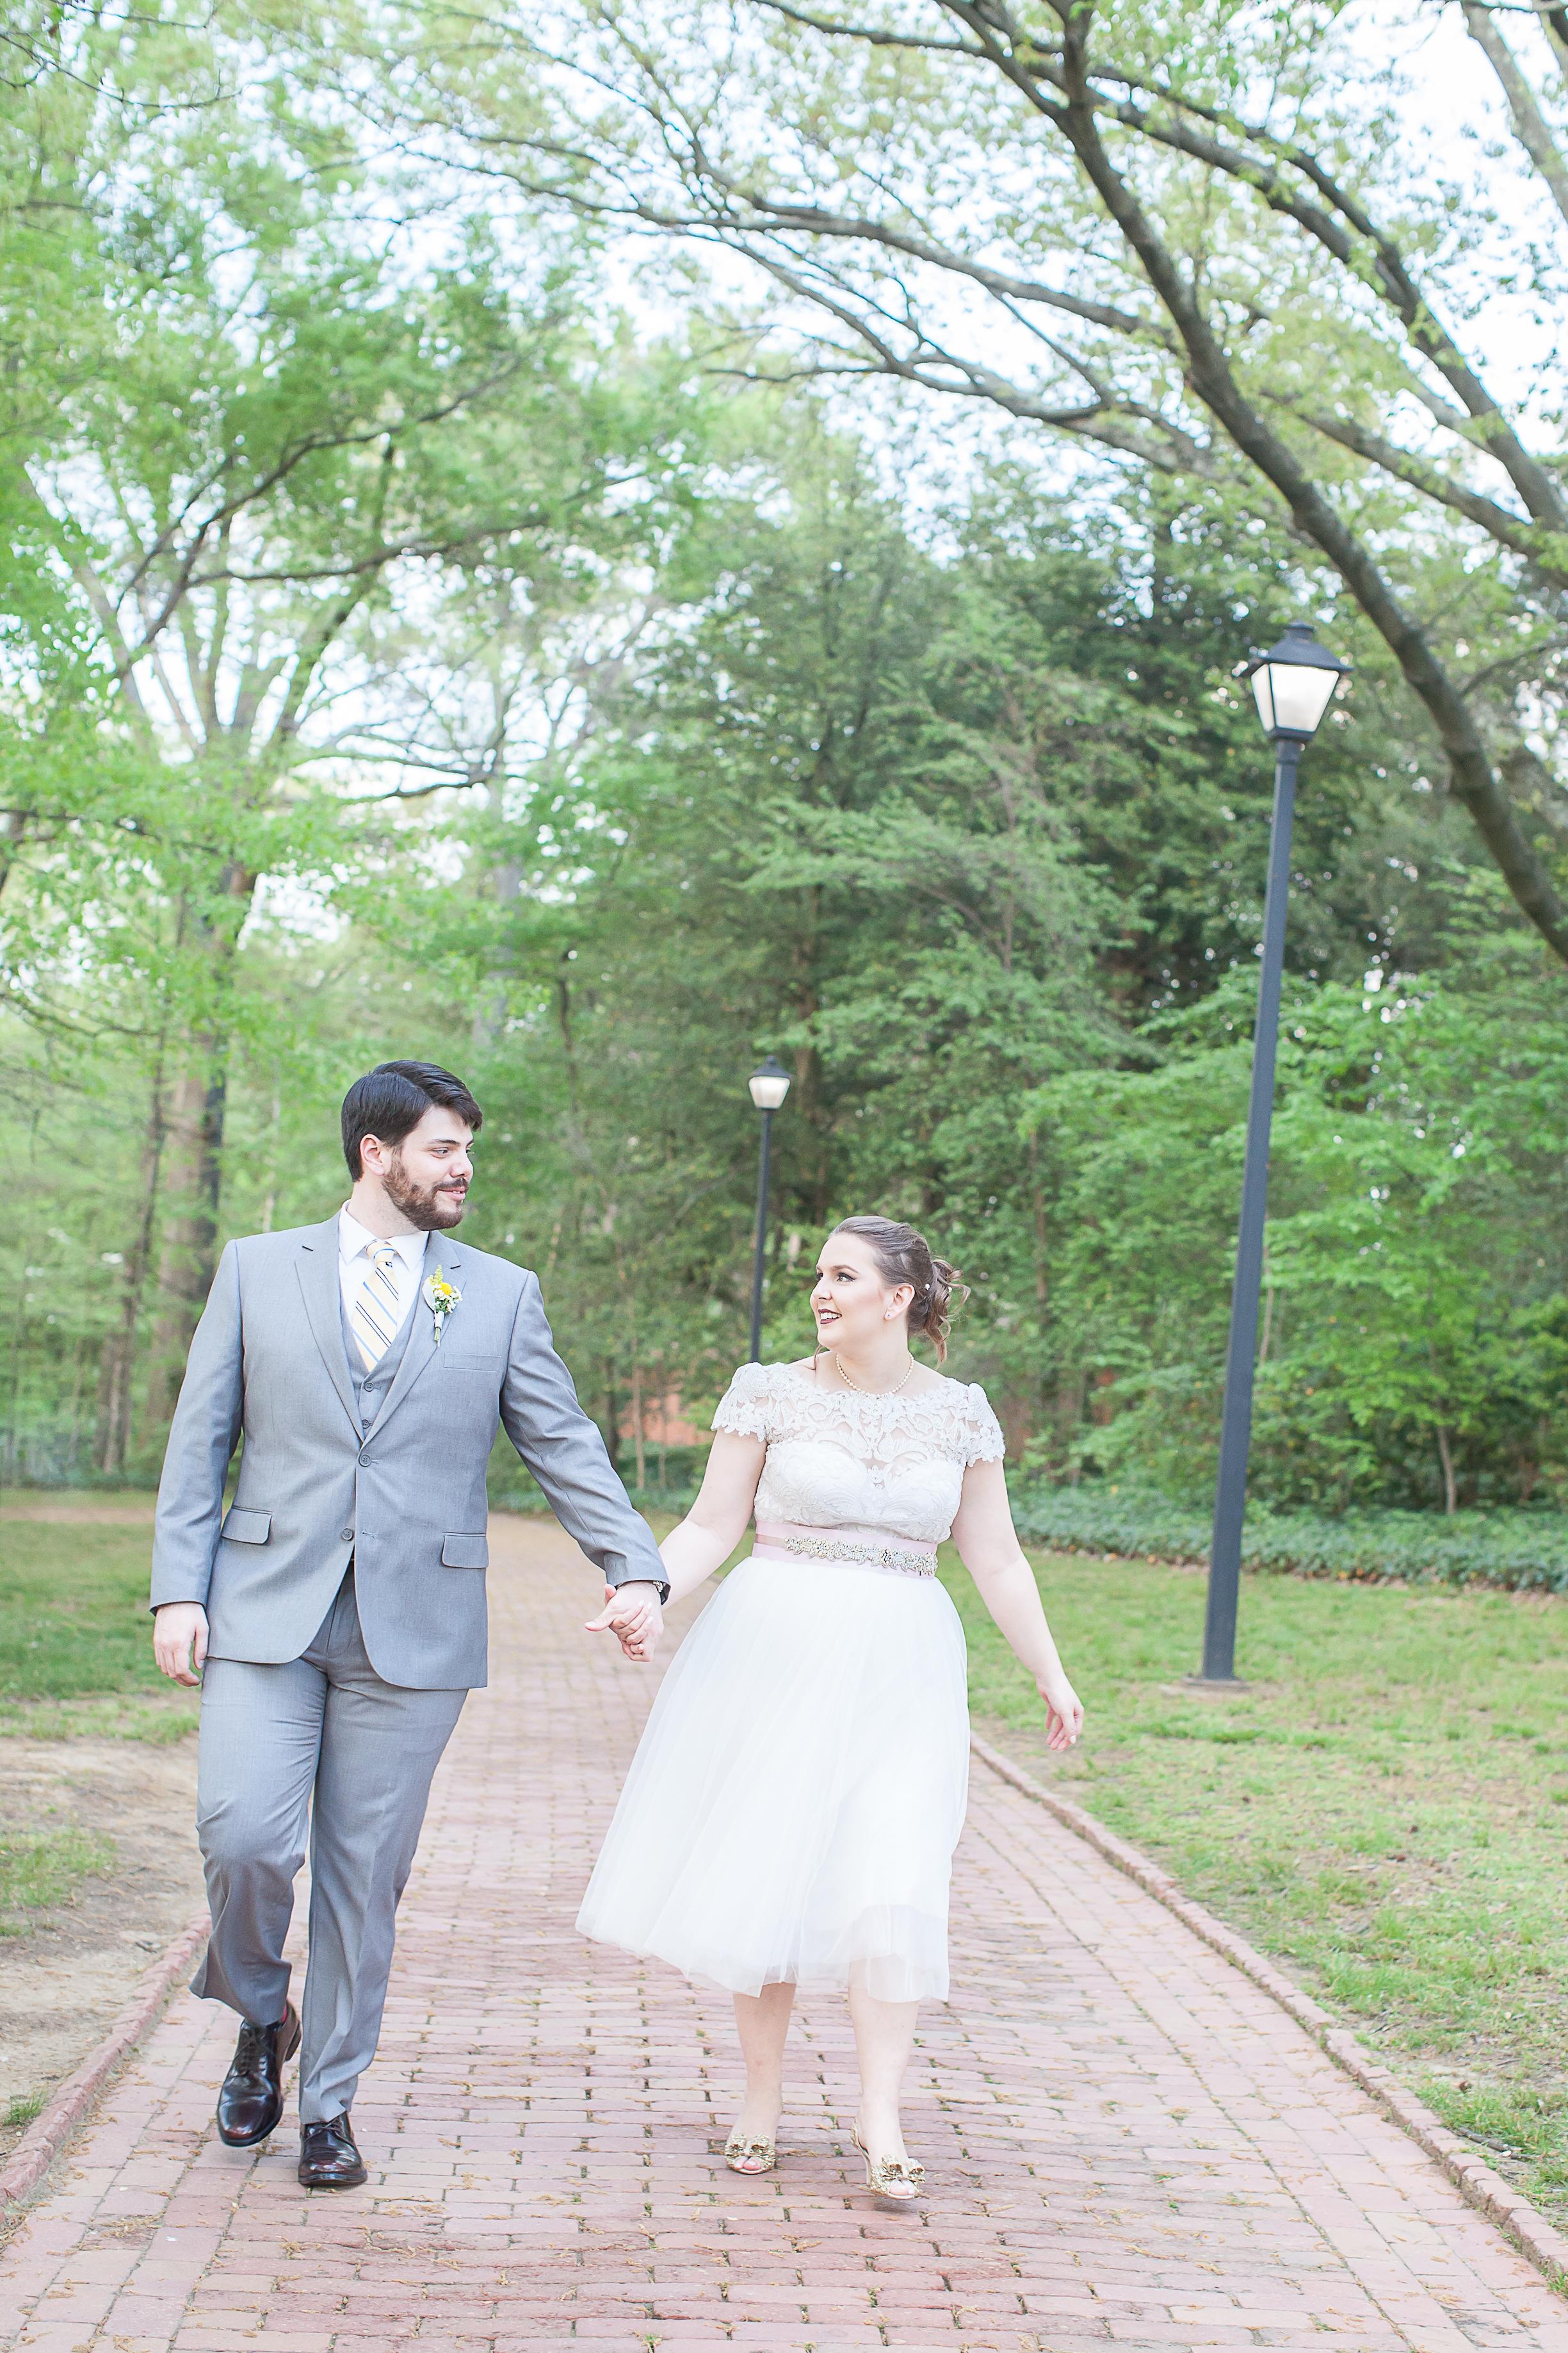 K-S-Wedding-Kim-Pham-Clark-Photography-309.jpg